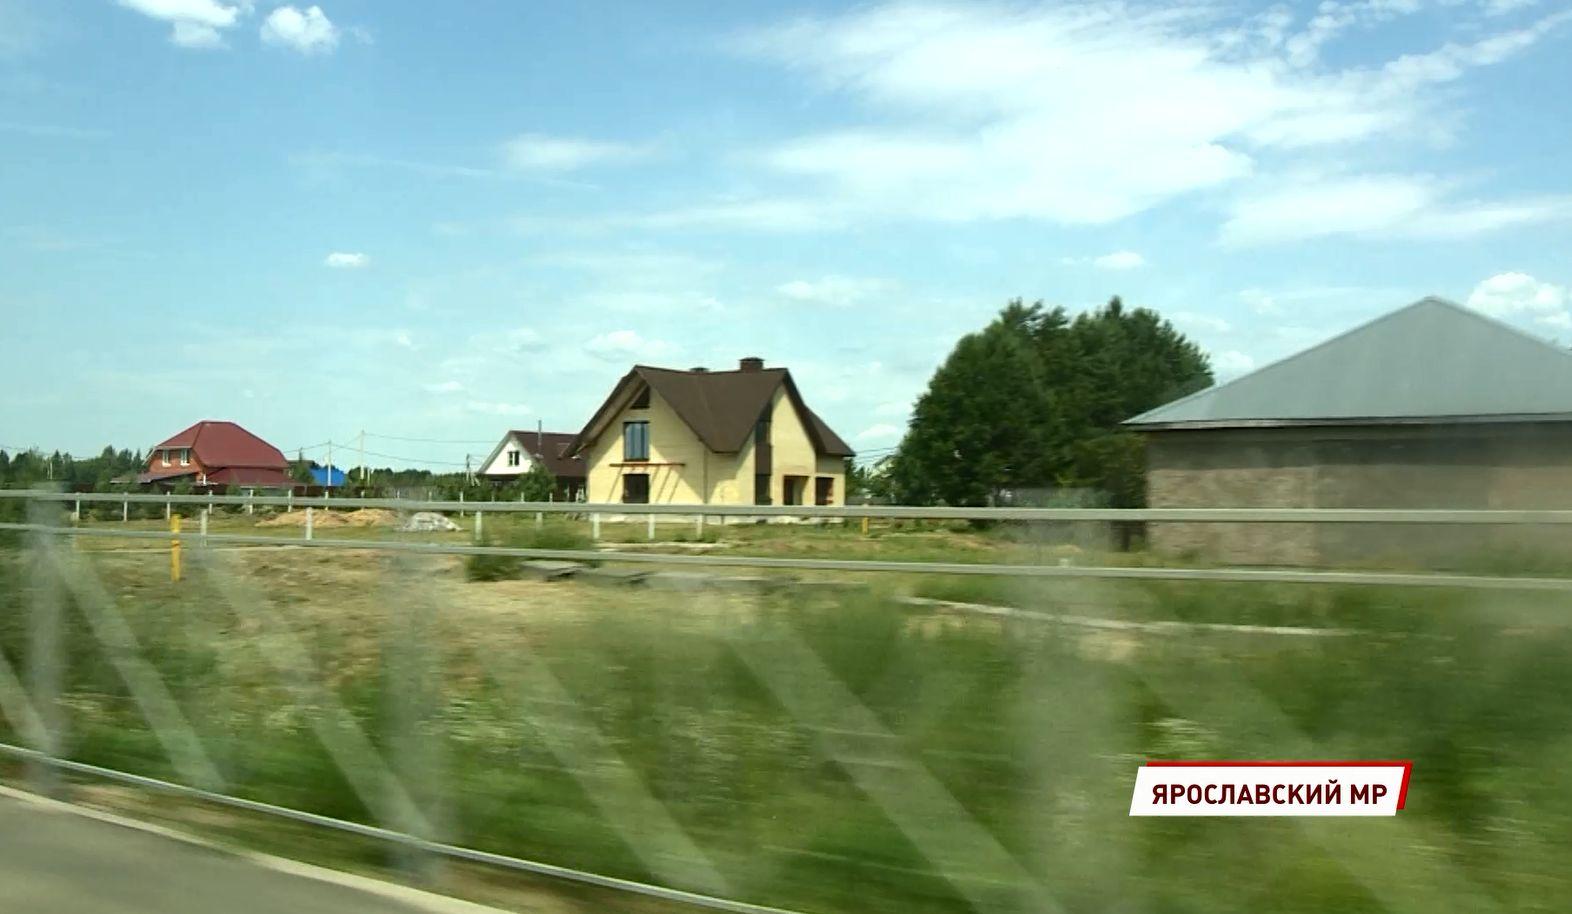 Ярославский пенсионер планирует потратить президентскую выплату на строительство дома